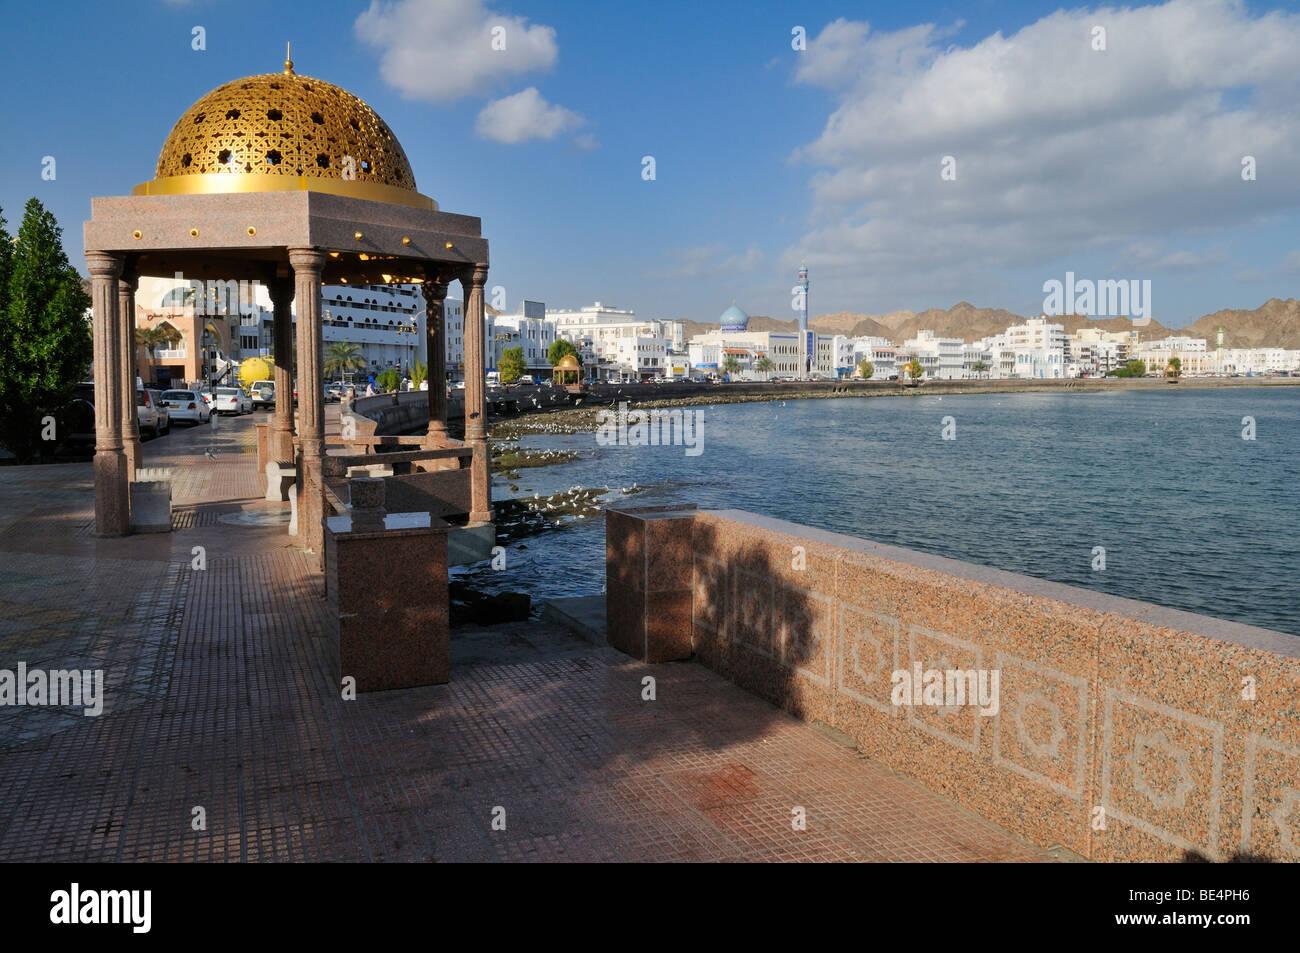 Corniche de Mutrah, Muscat, Sultanat d'Oman, l'Arabie, Moyen-Orient Photo Stock